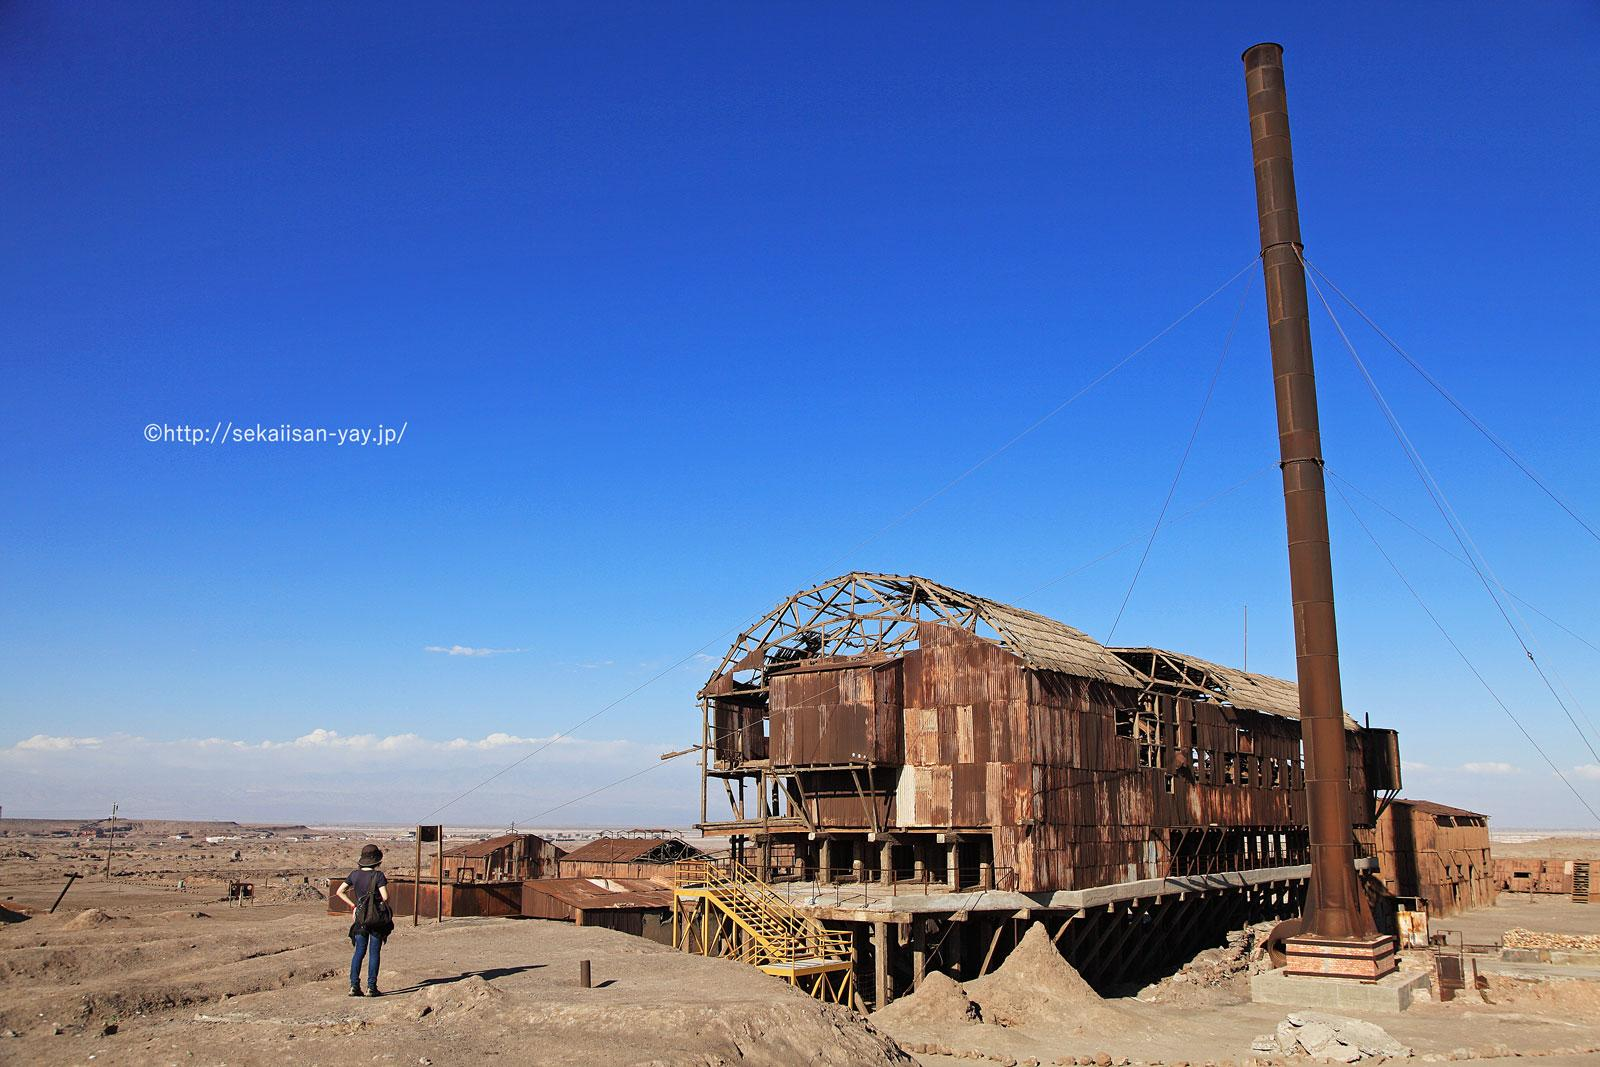 チリの世界遺産「ハンバーストーンとサンタ・ラウラ硝石工場群」